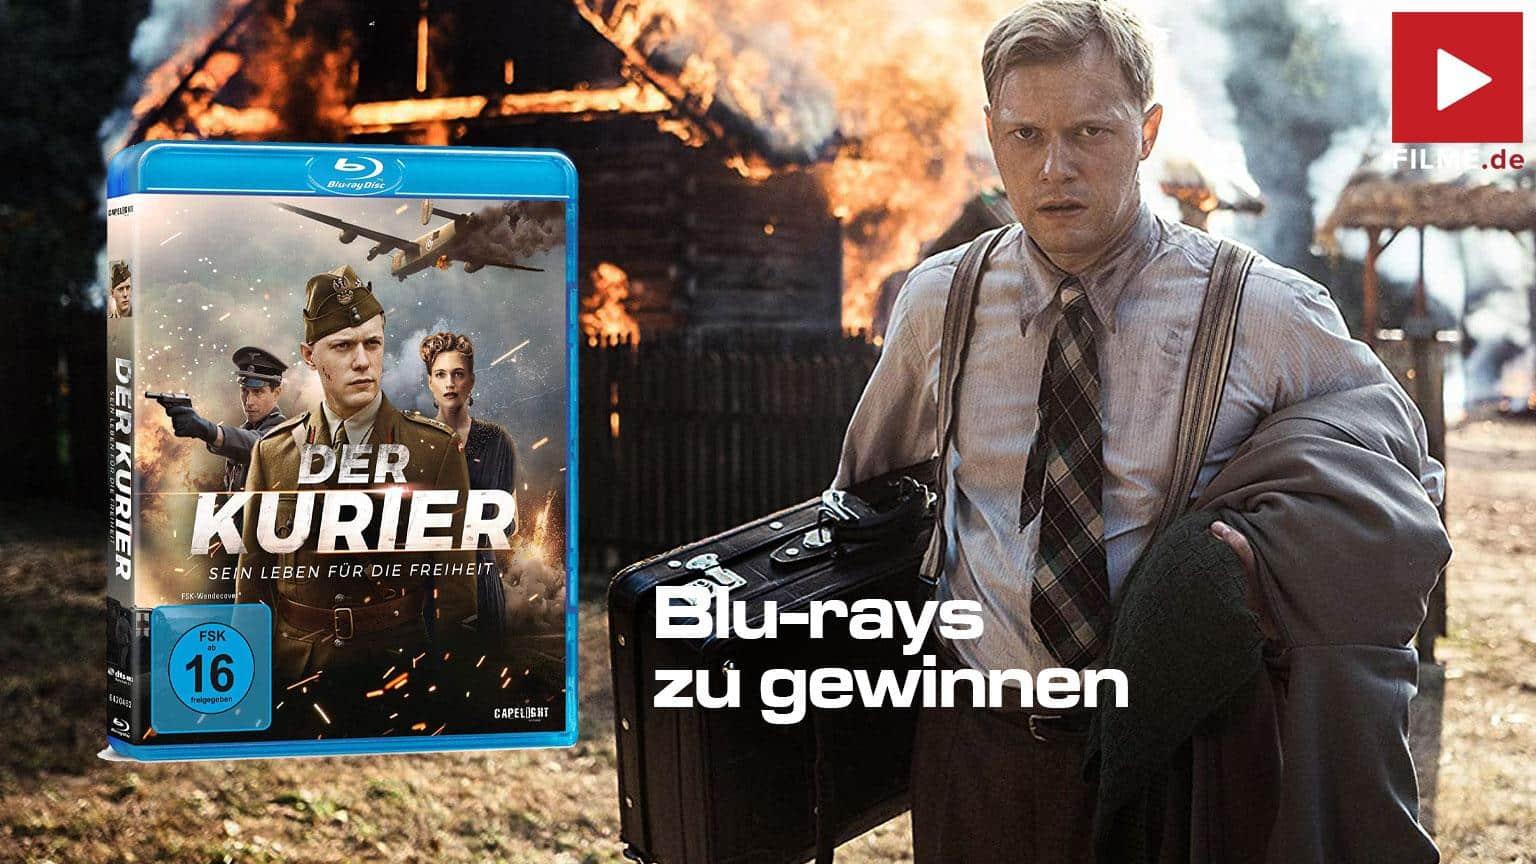 Gewinnspiel Der Kurier - Sein Leben für die Freiheit Blu-ray DVD shop kaufen gewinnen Artikelbild